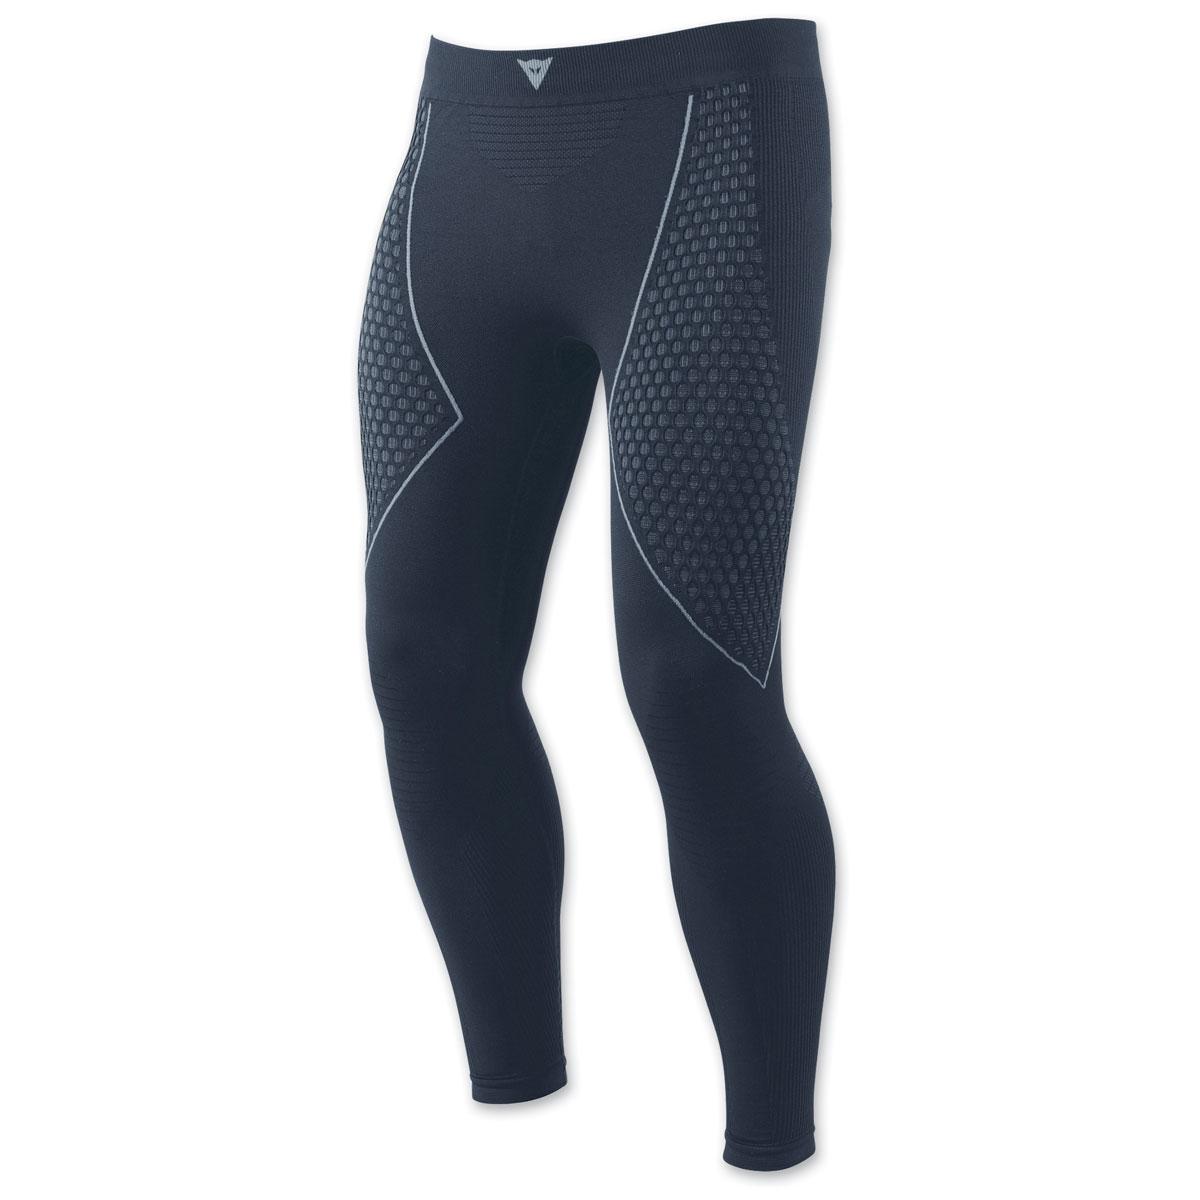 Dainese Men's D-Core Aero Black/Blue Pants